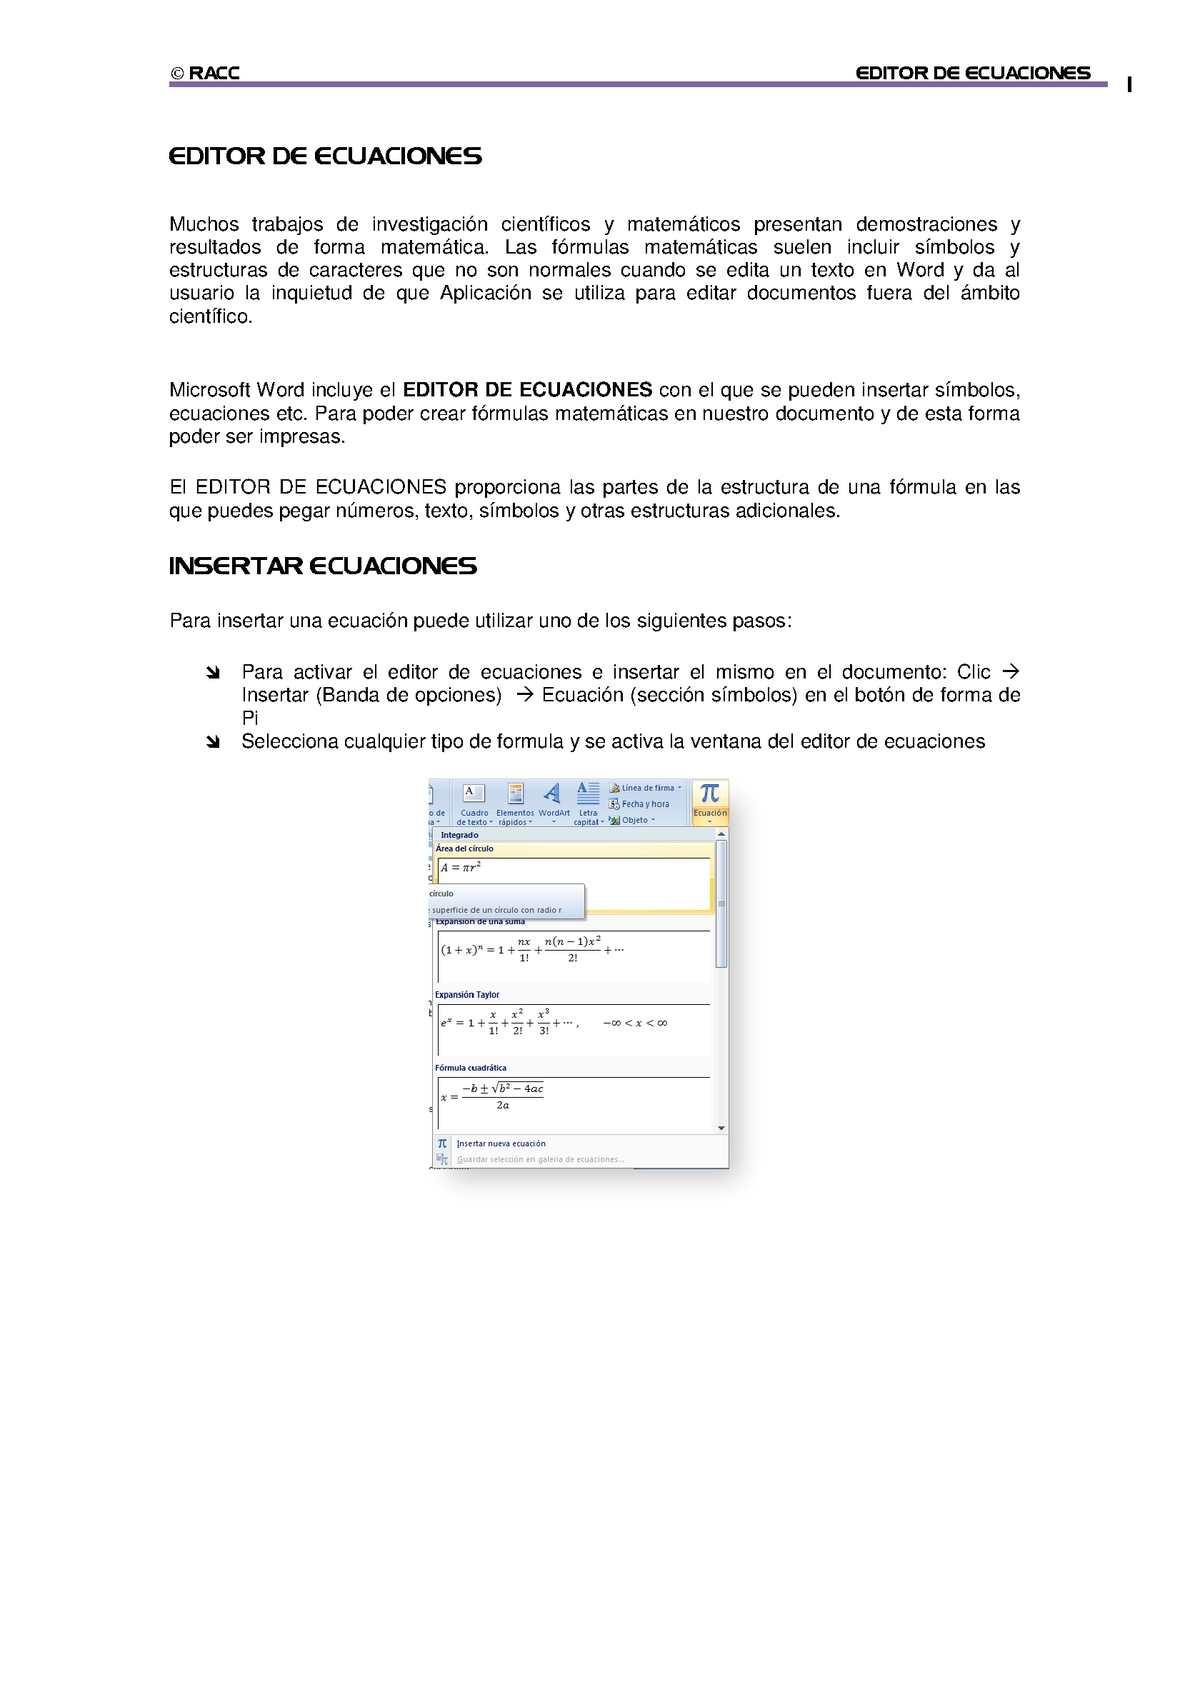 Calaméo - Editor de ecuaciones de office